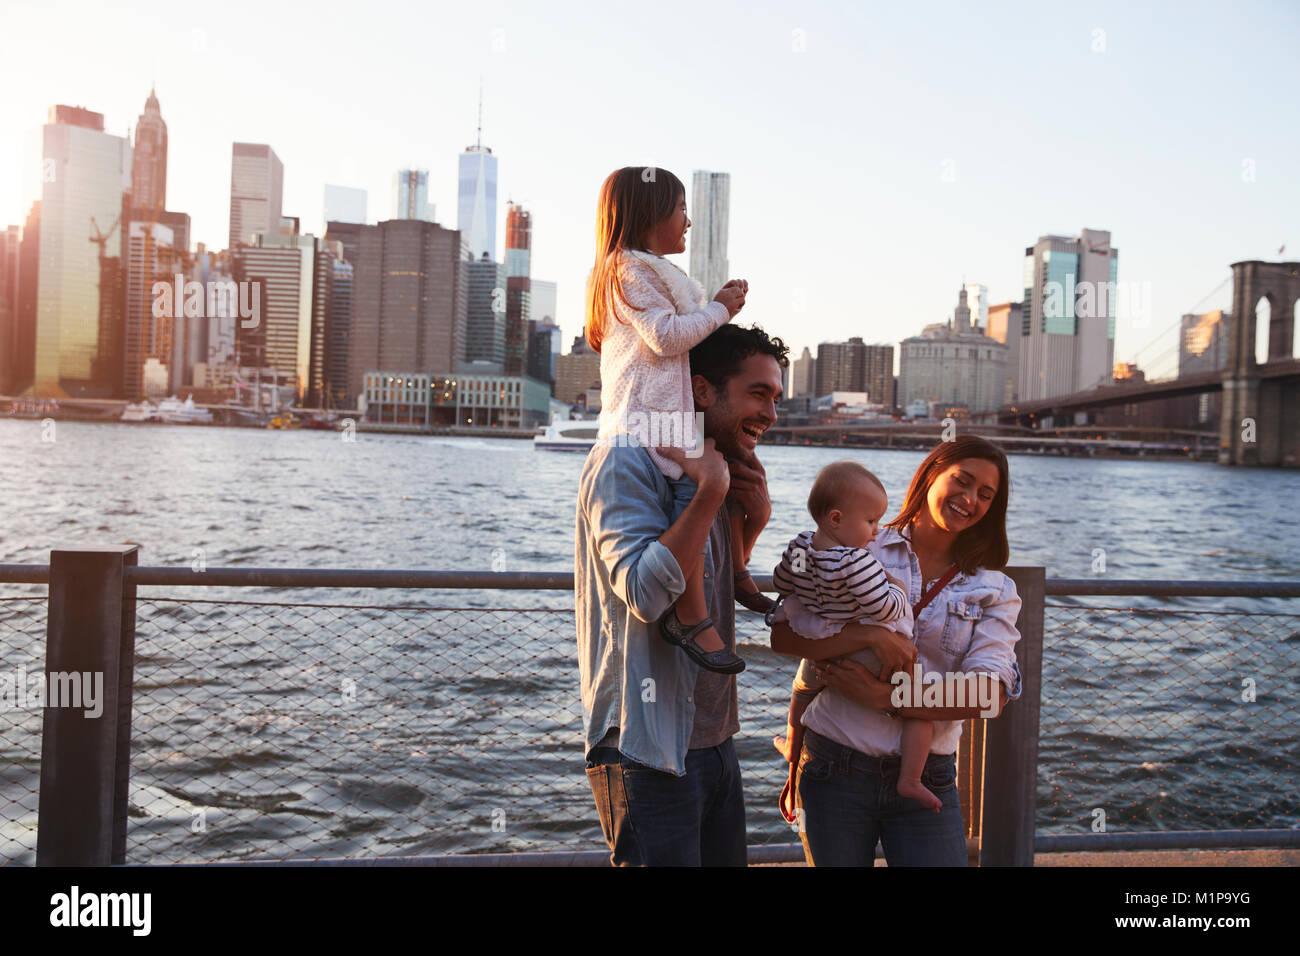 Junge Familie mit Töchter stehen auf Kai, Seitenansicht Stockbild